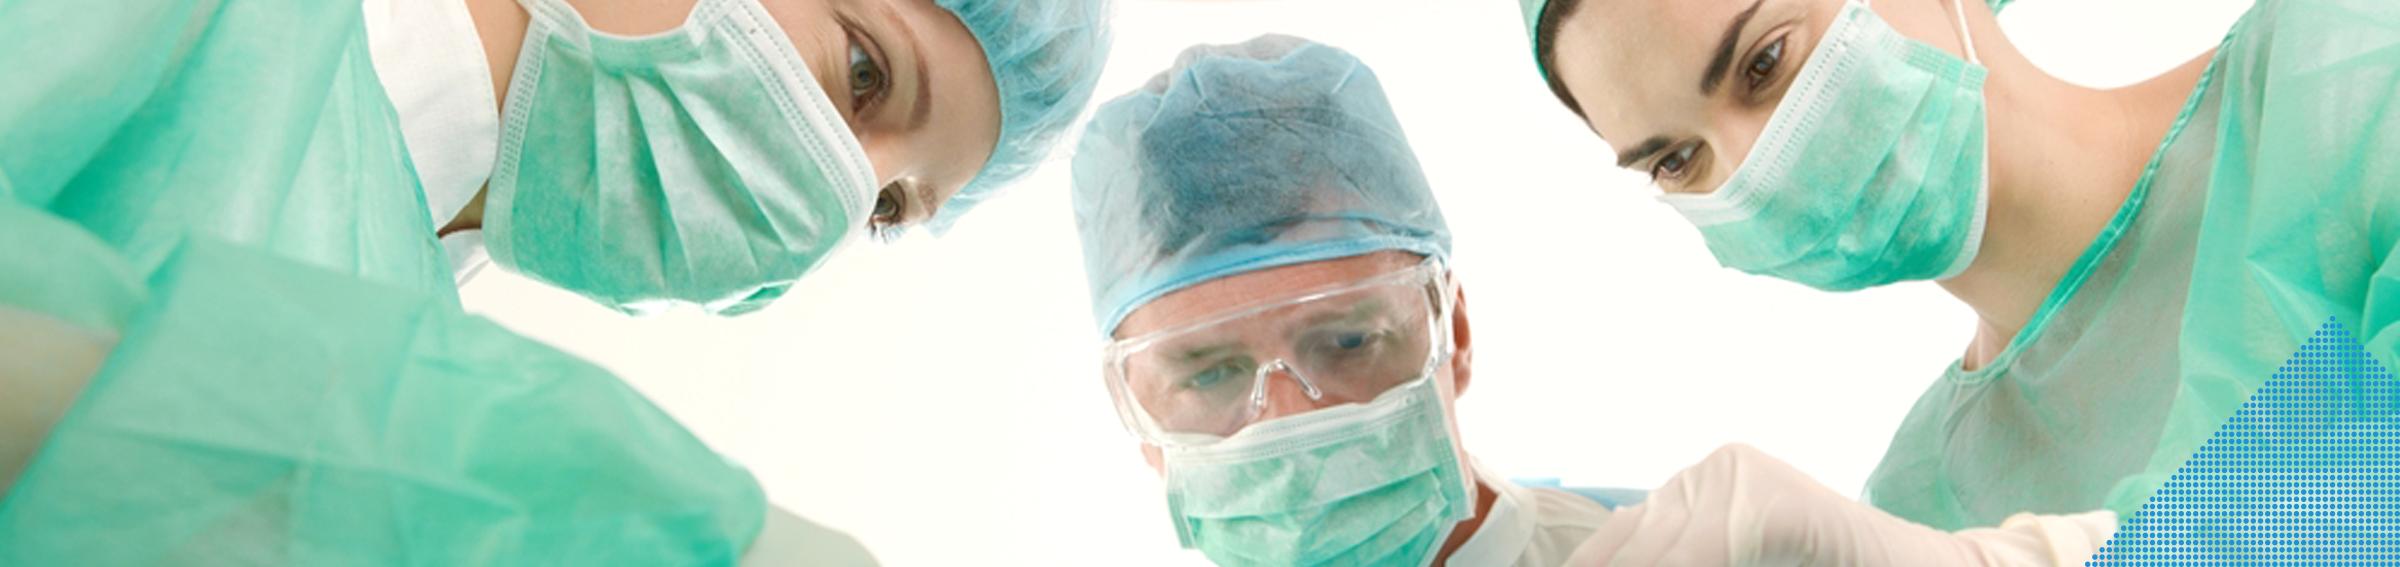 Helsetjenester - Medical fader